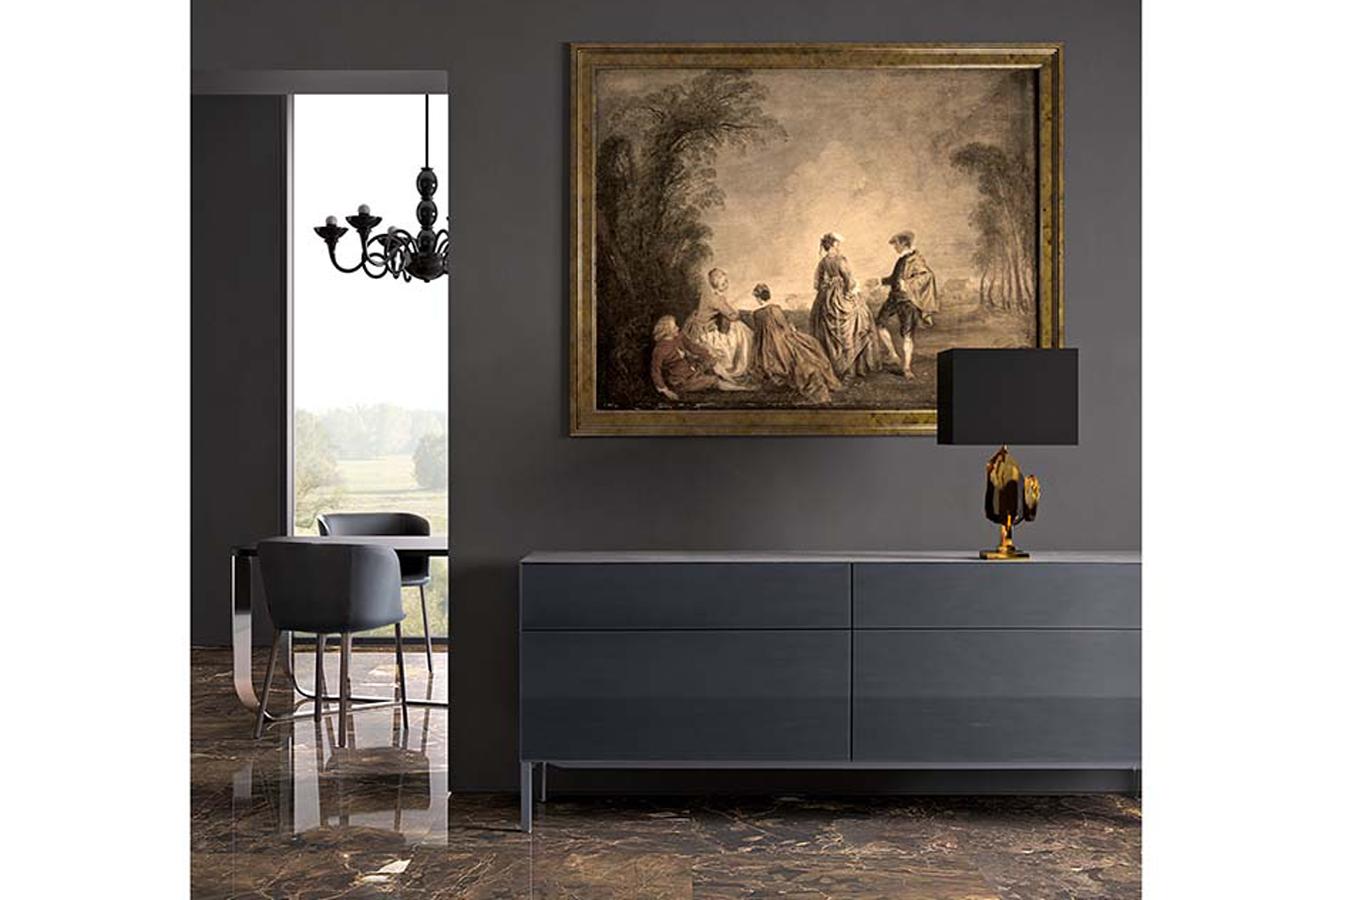 Madia Norma di Pianca in pietra e vetro da righetti mobili Novara Piemonte